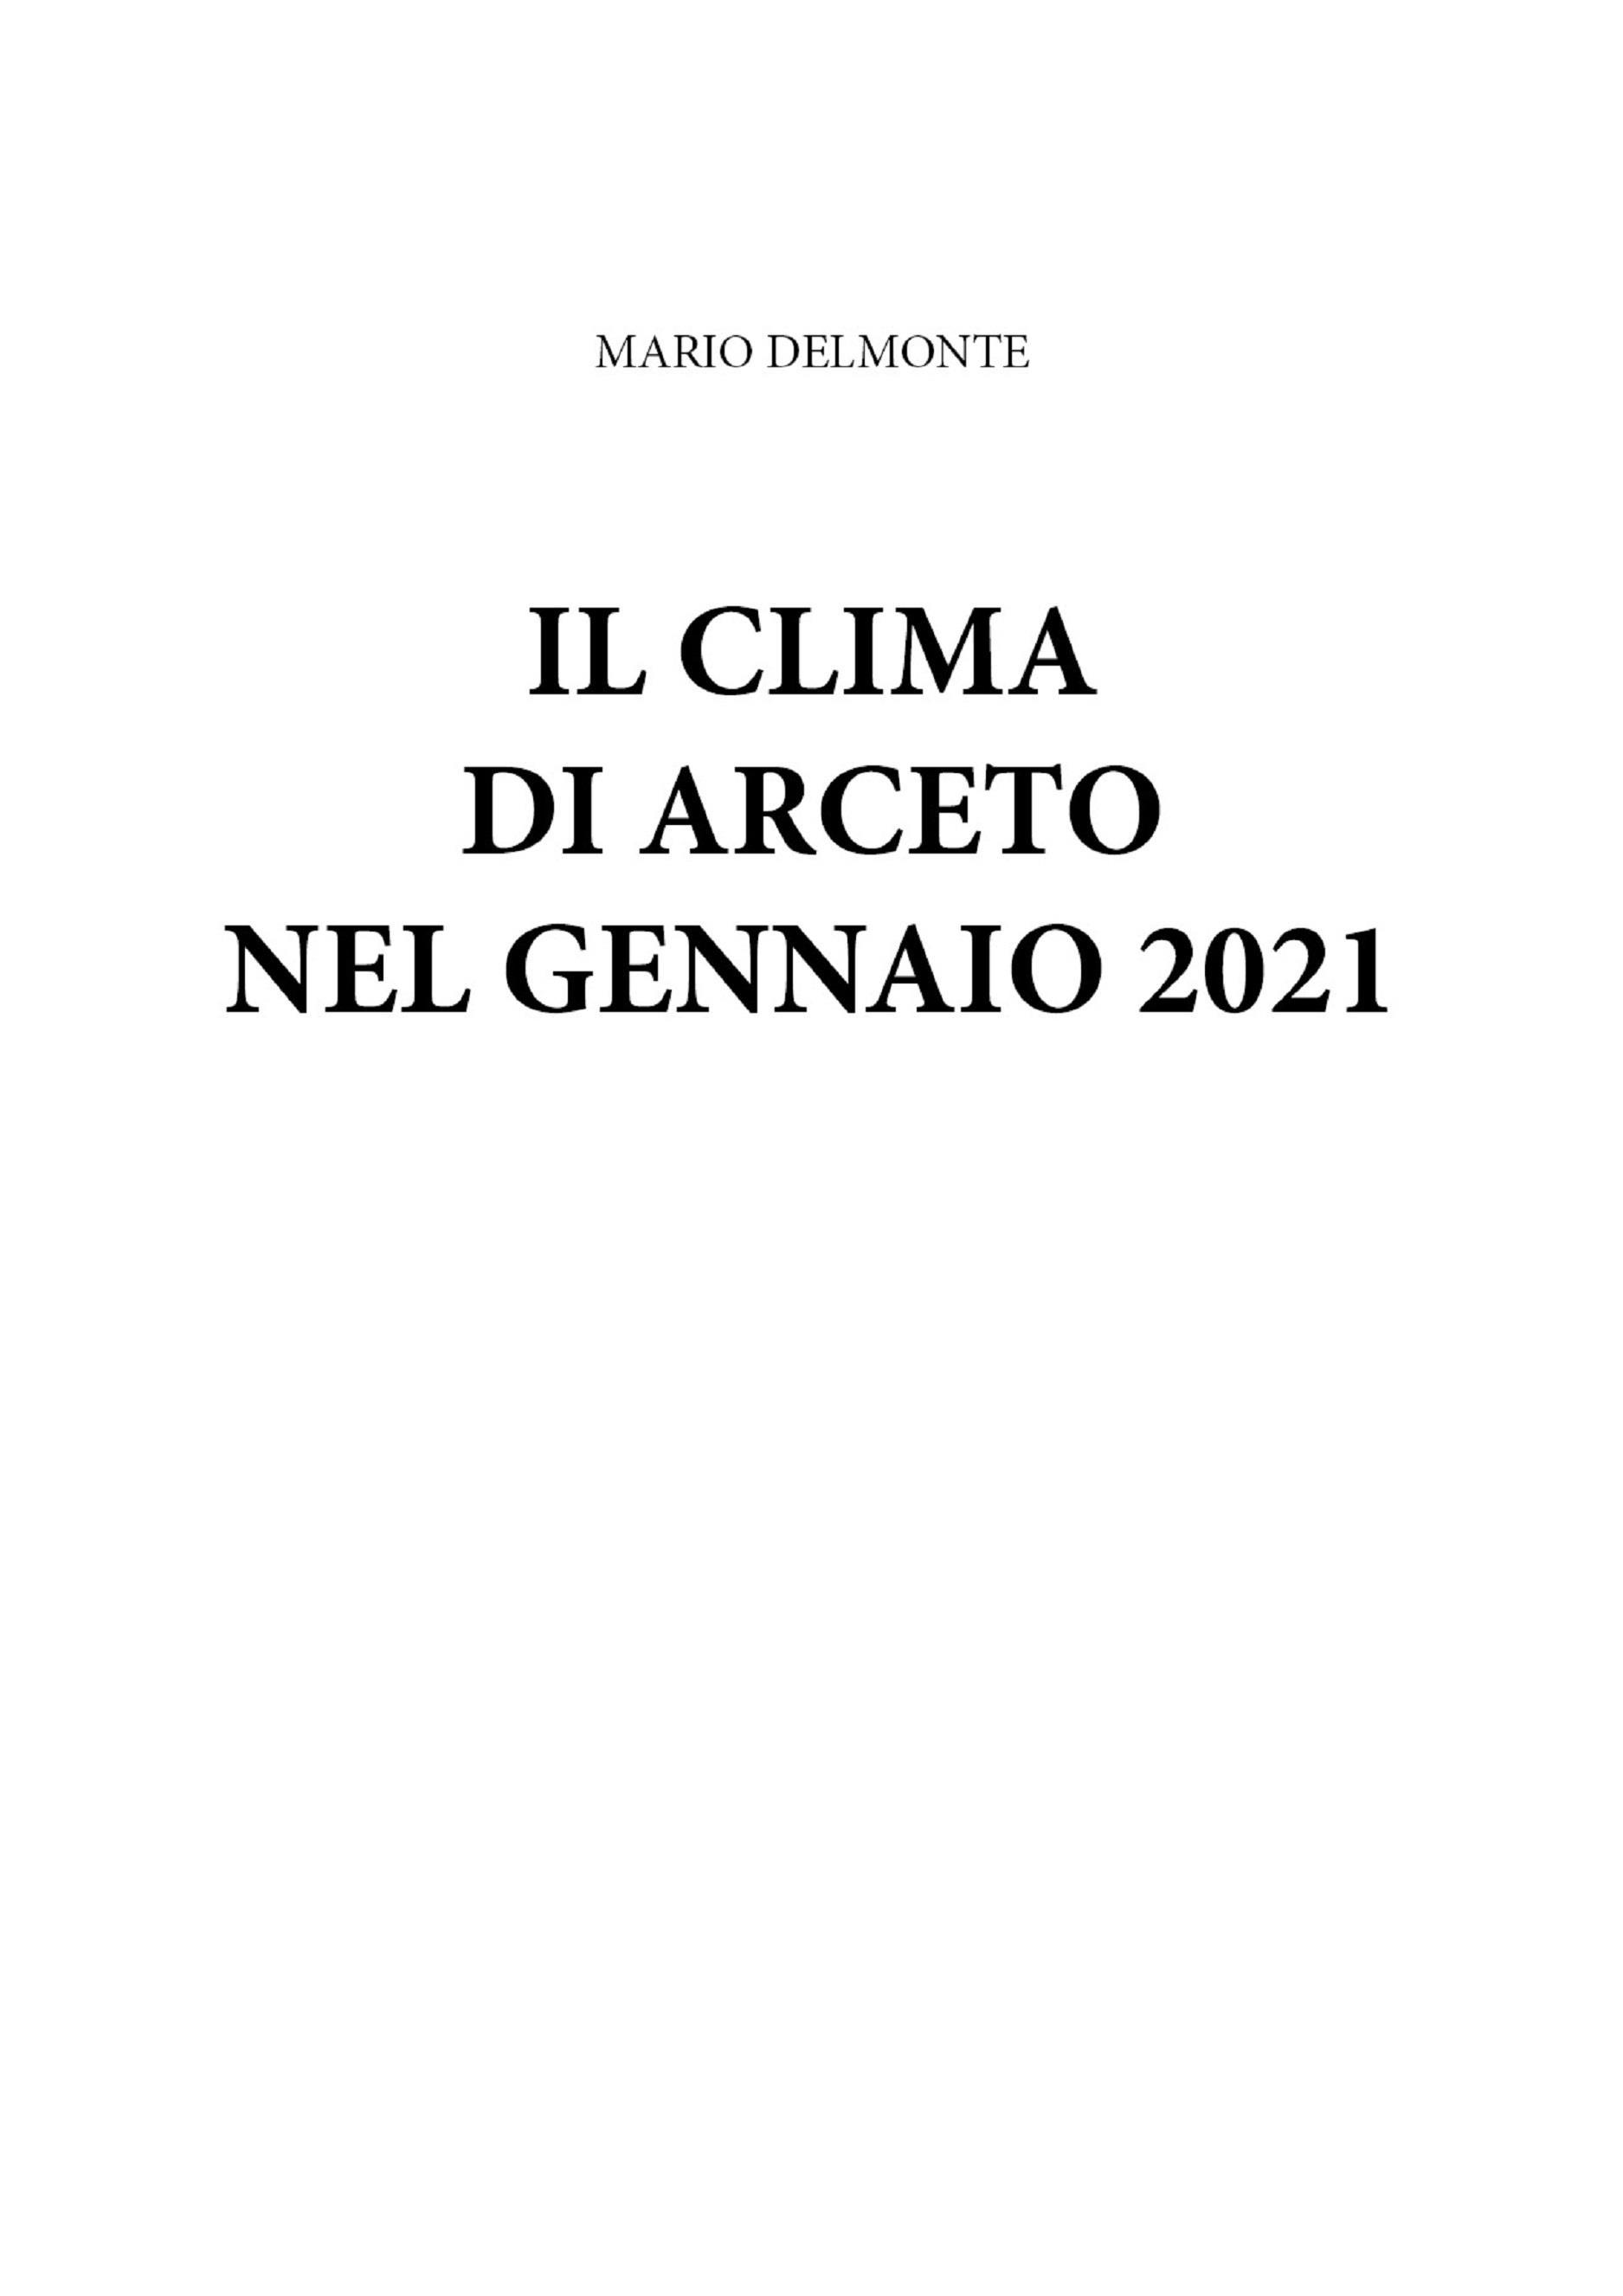 IL clima di Arceto nel gennaio 2021